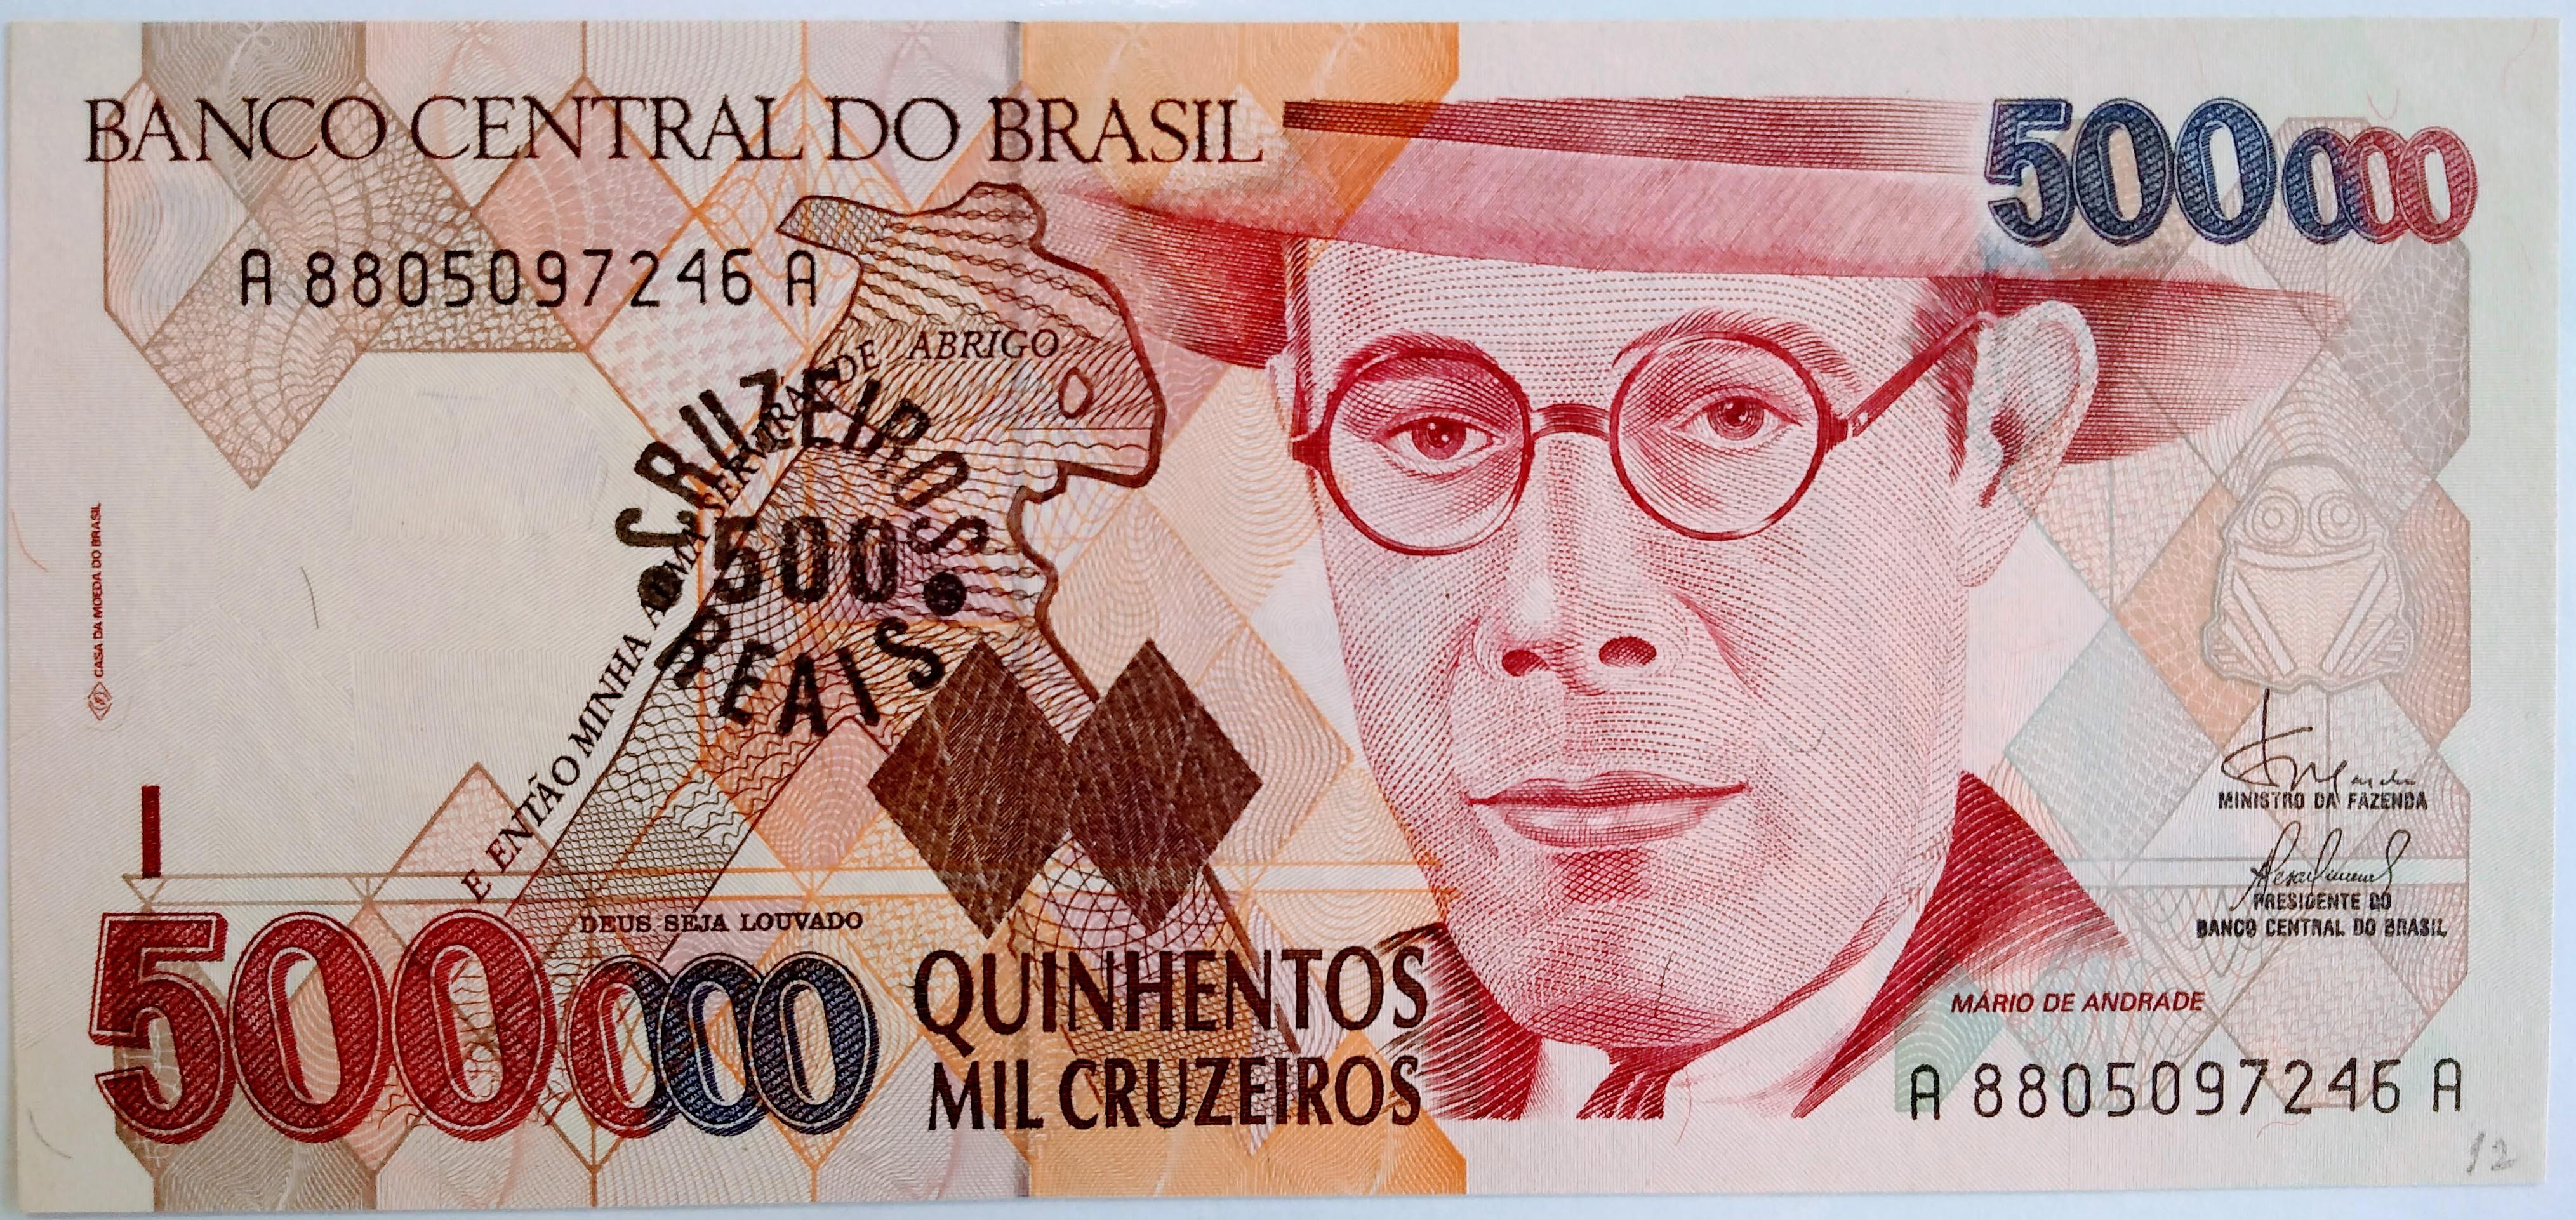 500 CRUZEIROS REAIS